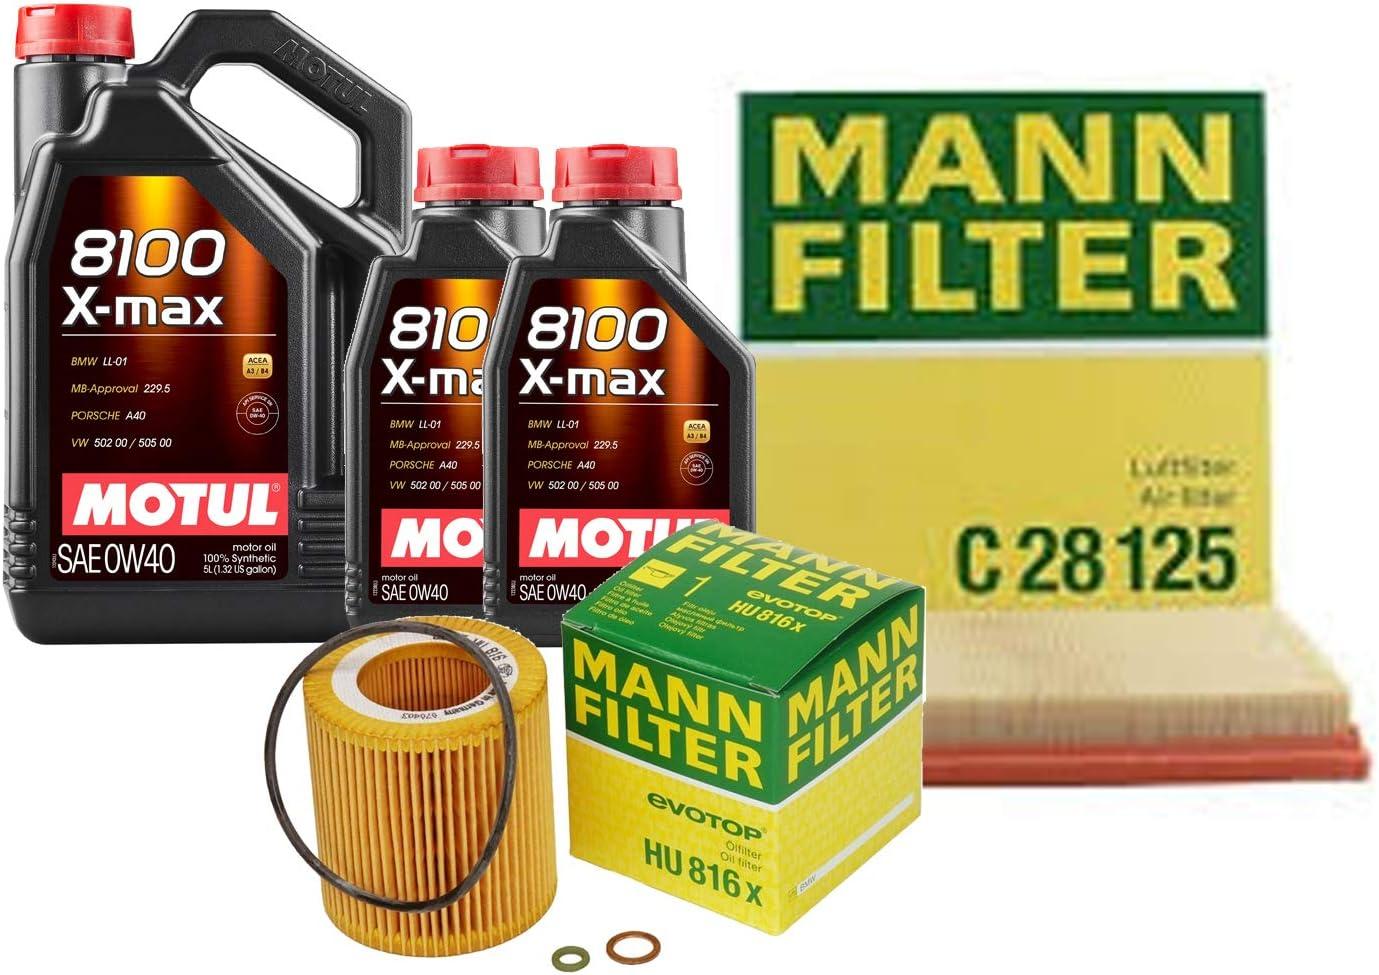 Newparts 7L 8100 X-MAX 0W-40 Charlotte Mall Filter Motor Air Change Oil High order Kit F07